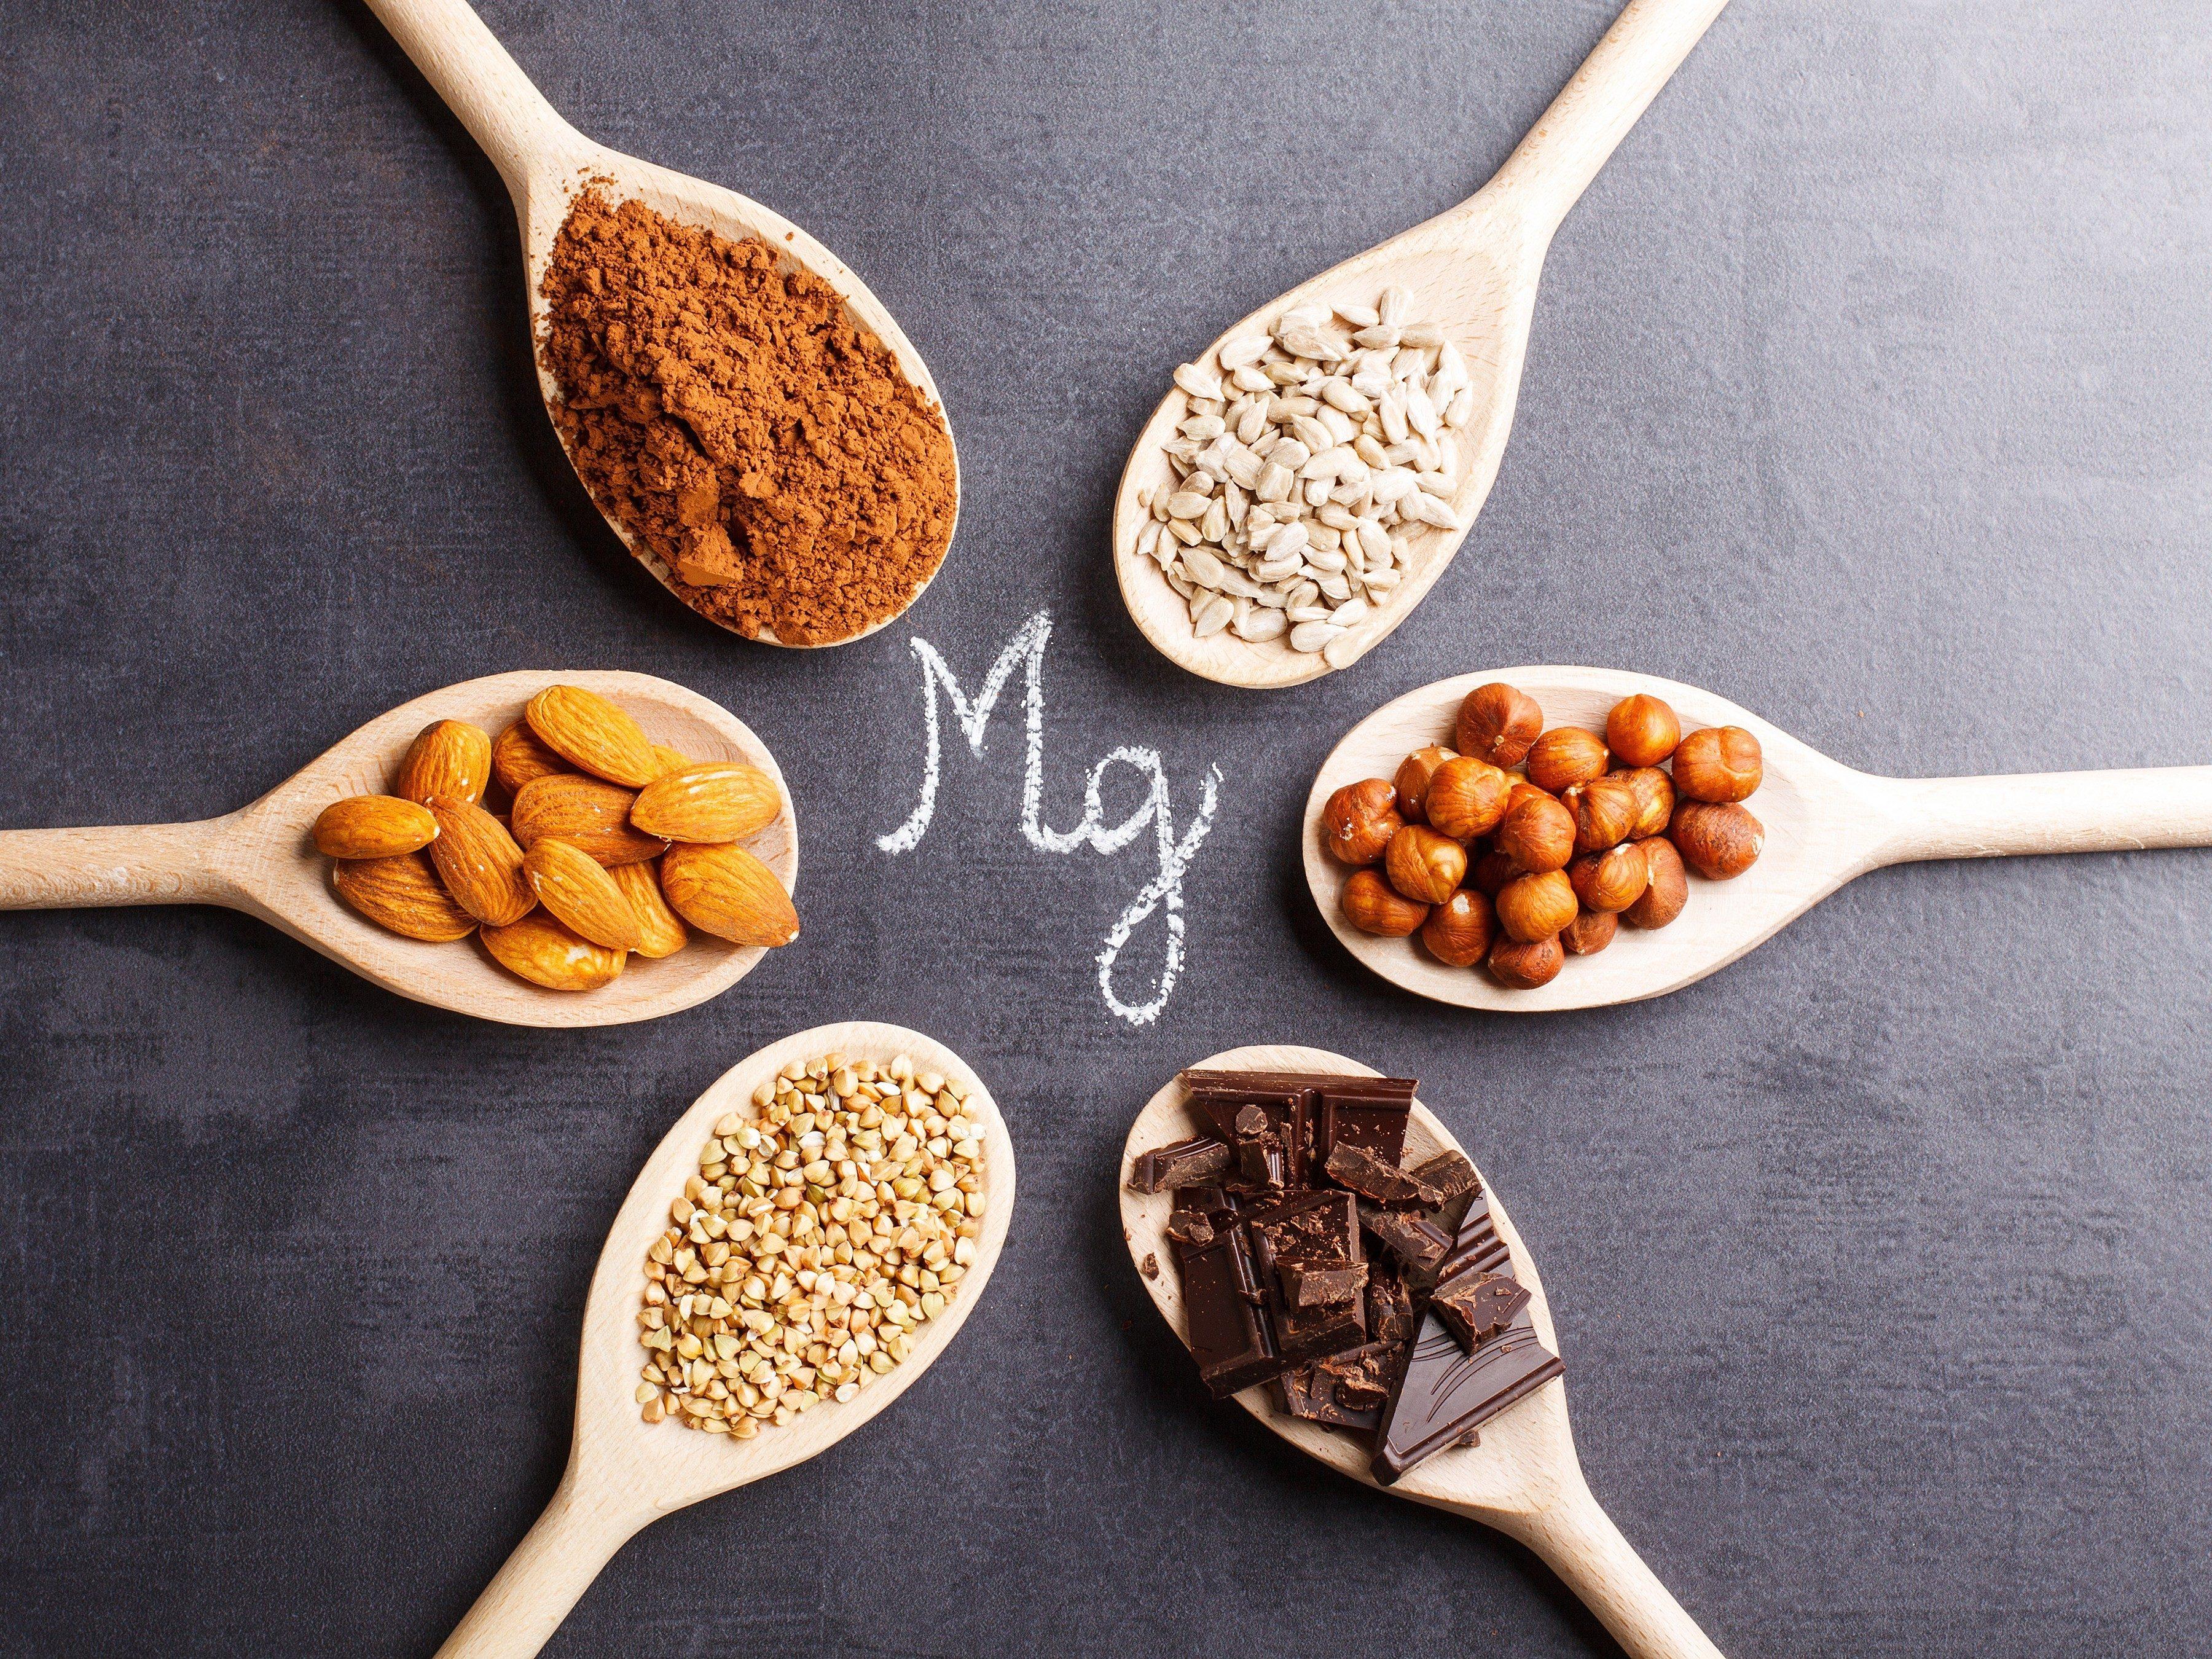 6. Magnesium